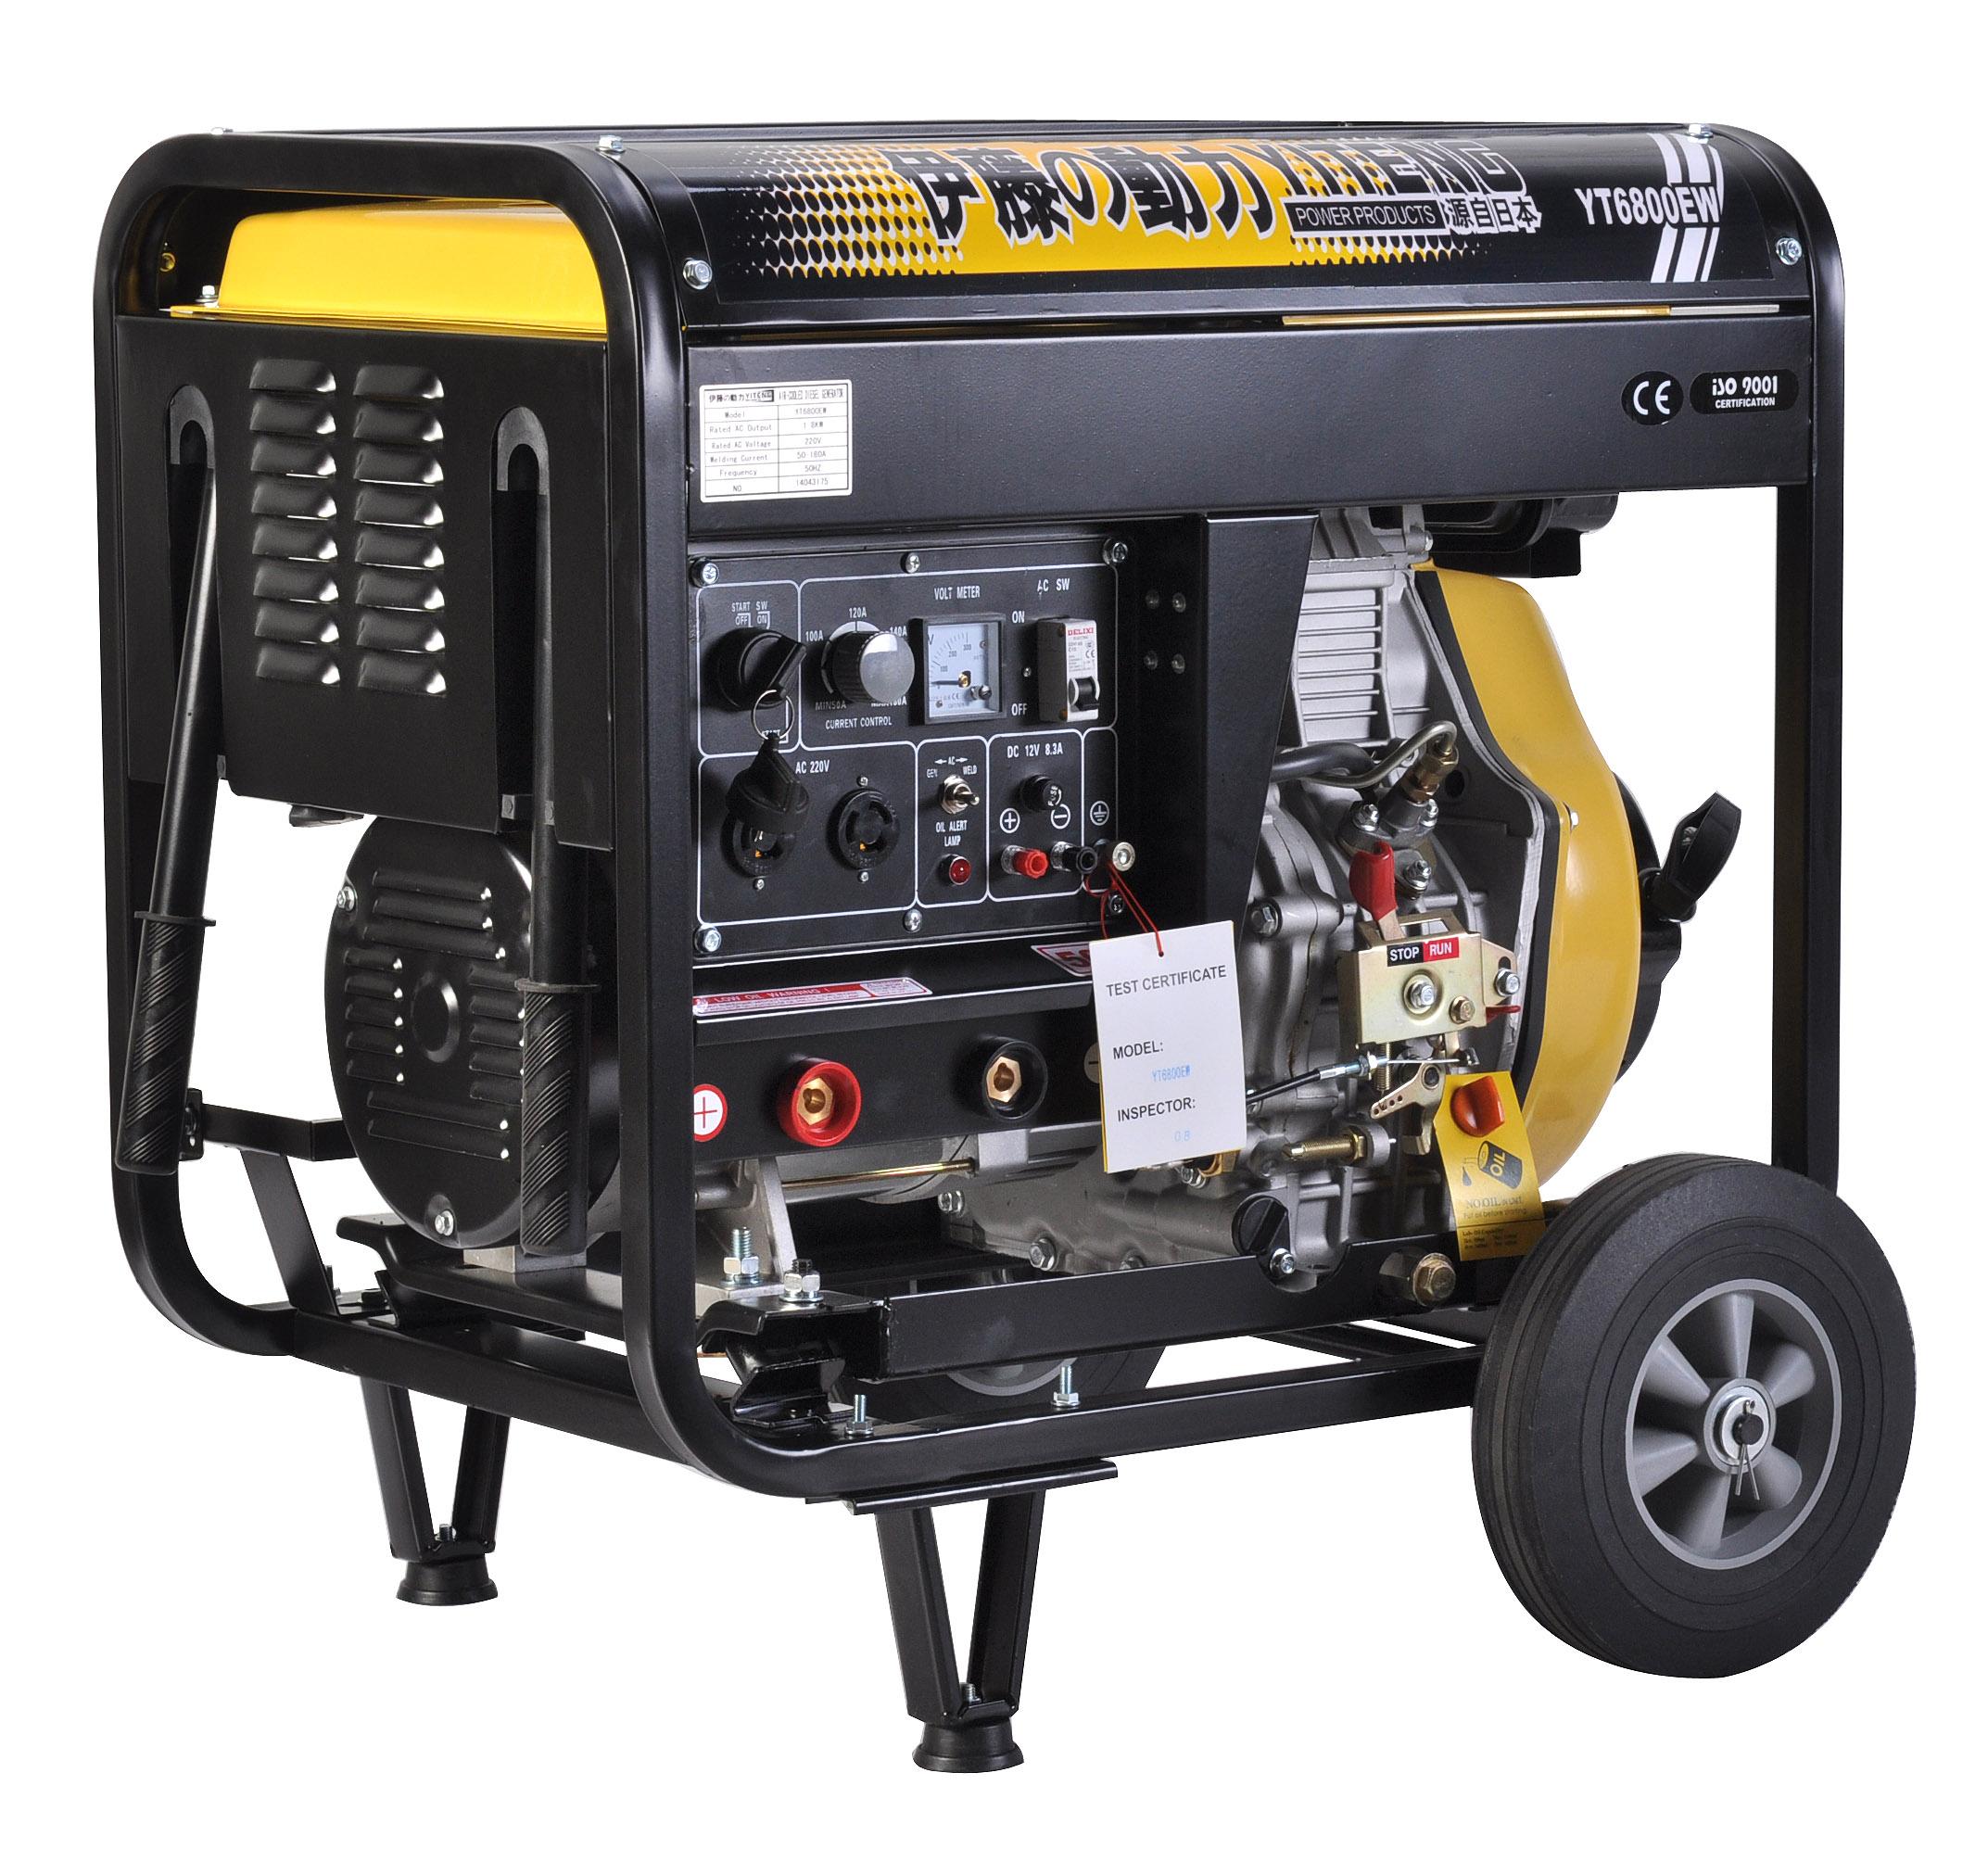 YT6800EW便携式发电电焊一体机